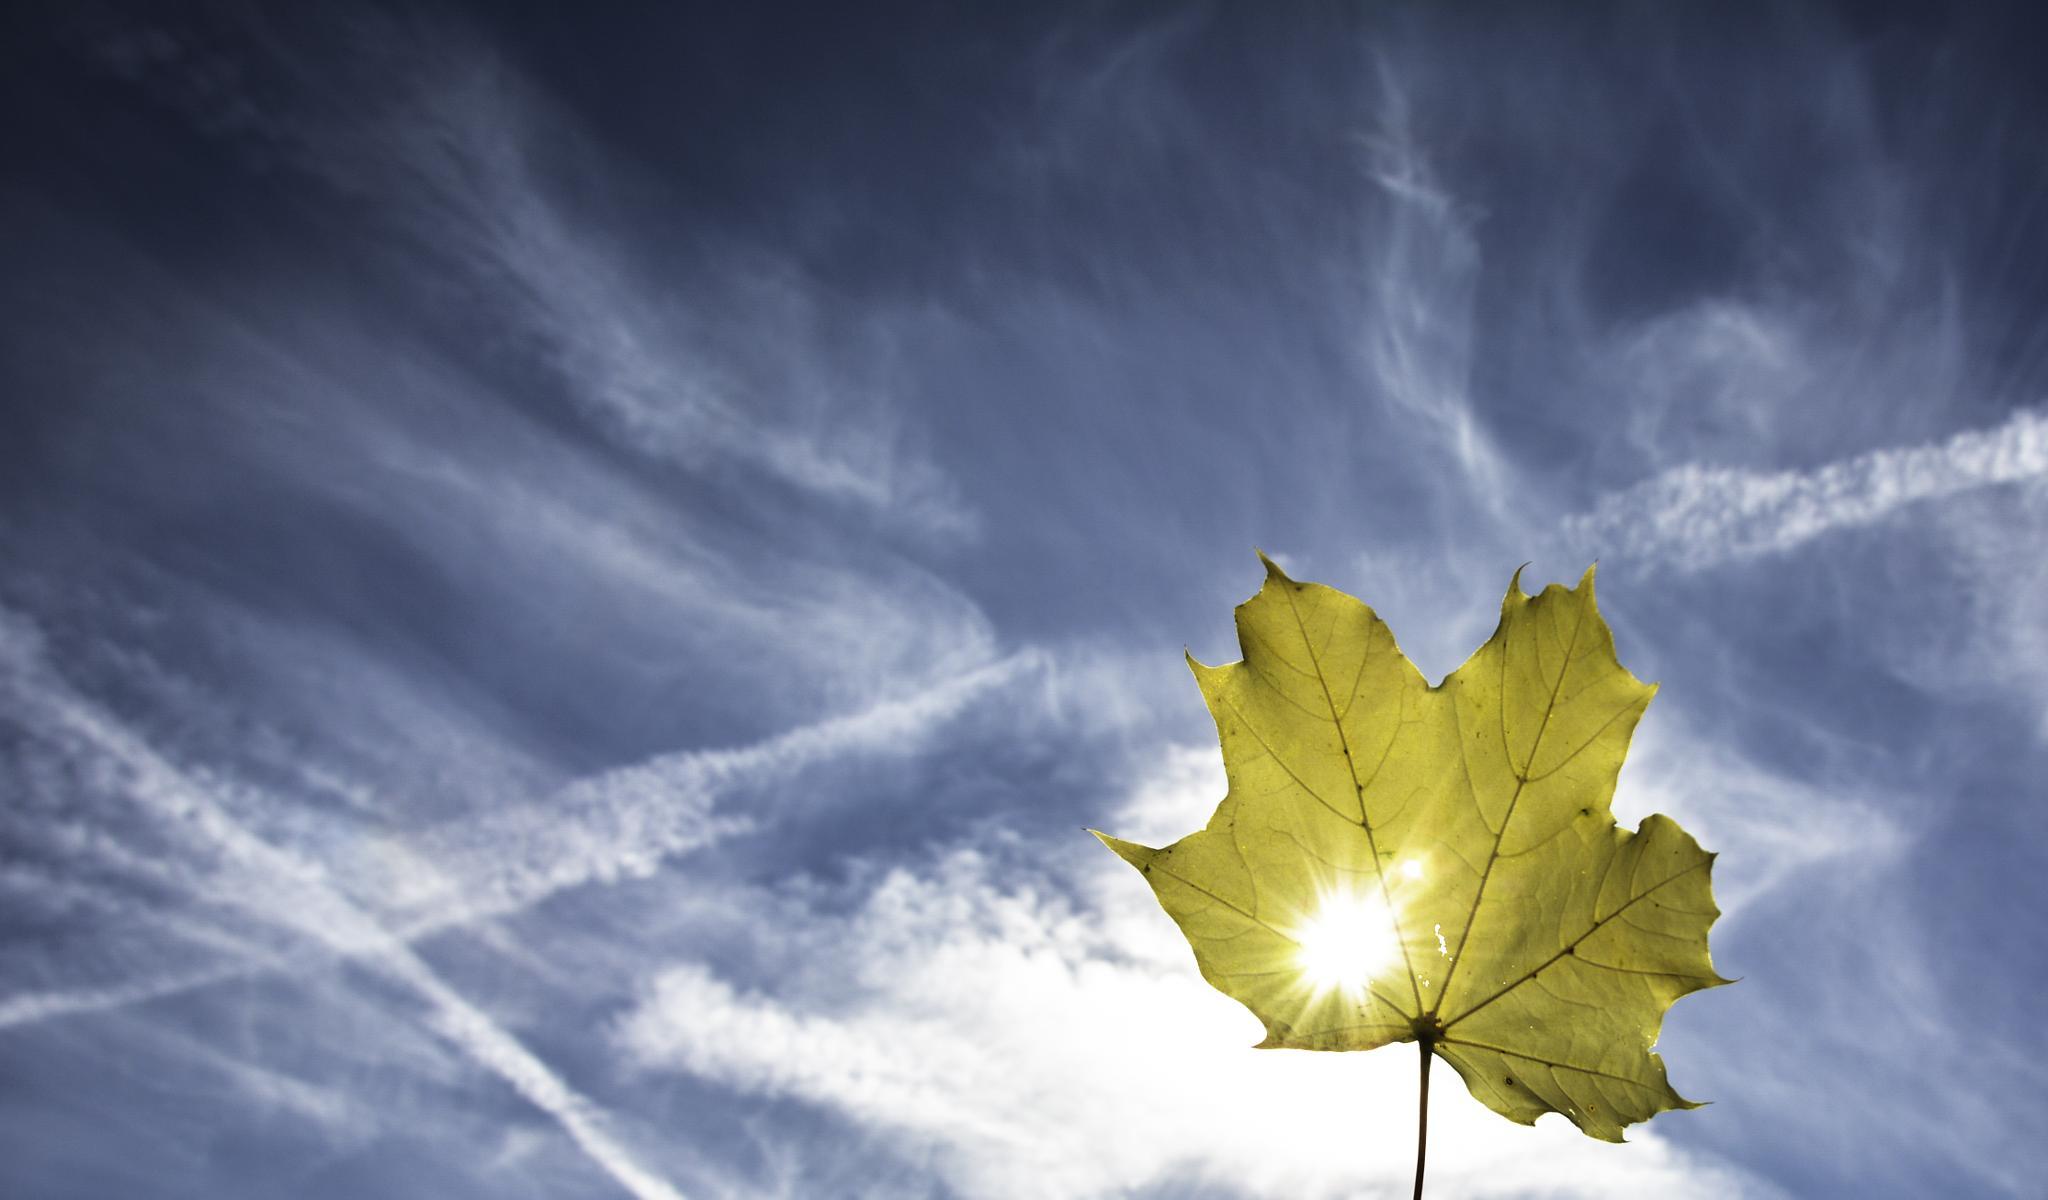 Autumn sun by jure kralj